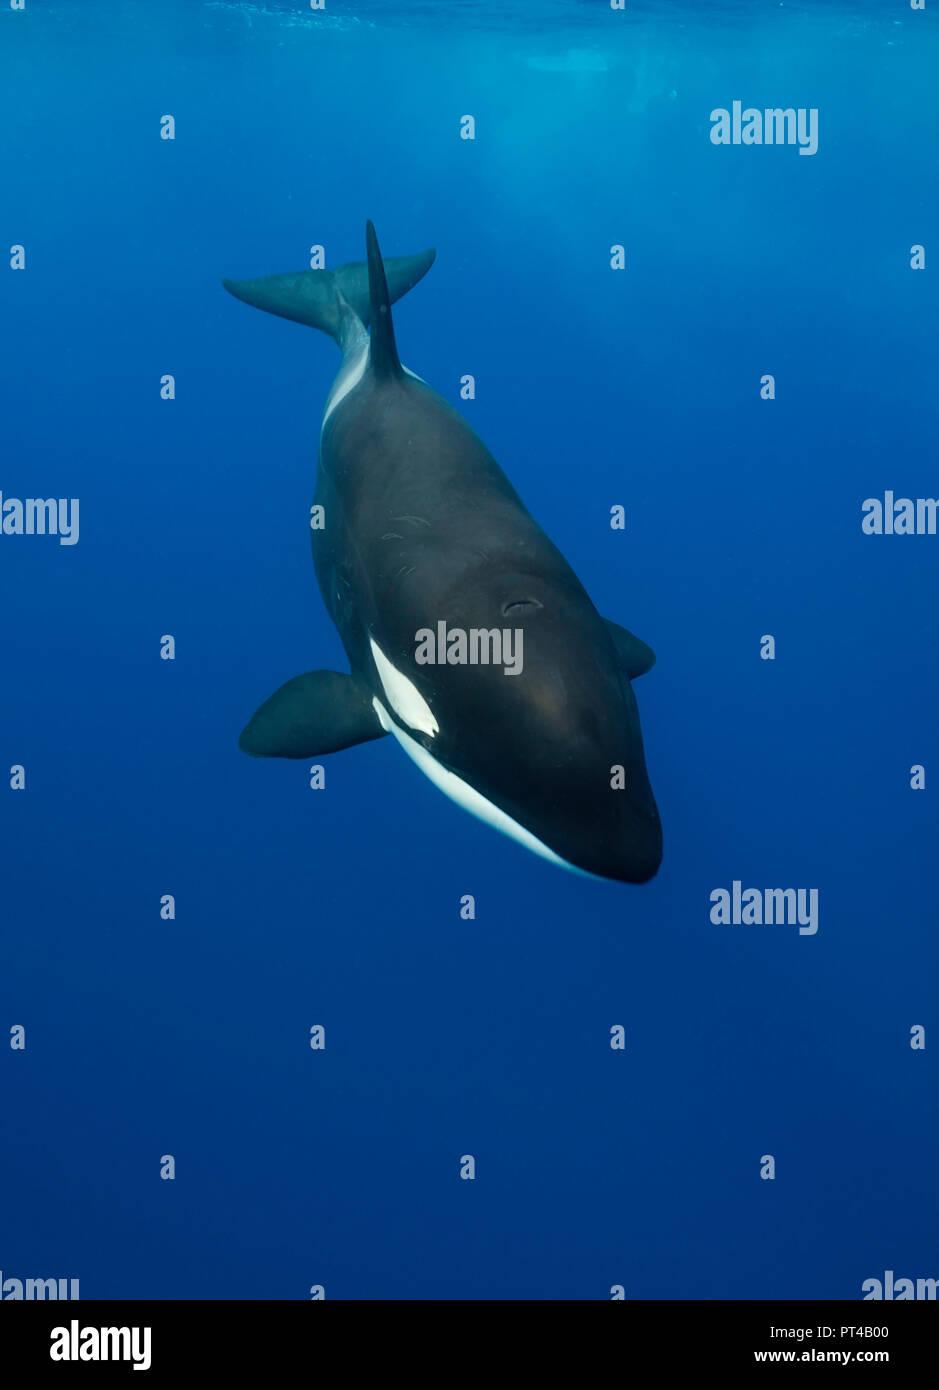 Killer Whale, Pazifik, Neuseeland. Stockfoto